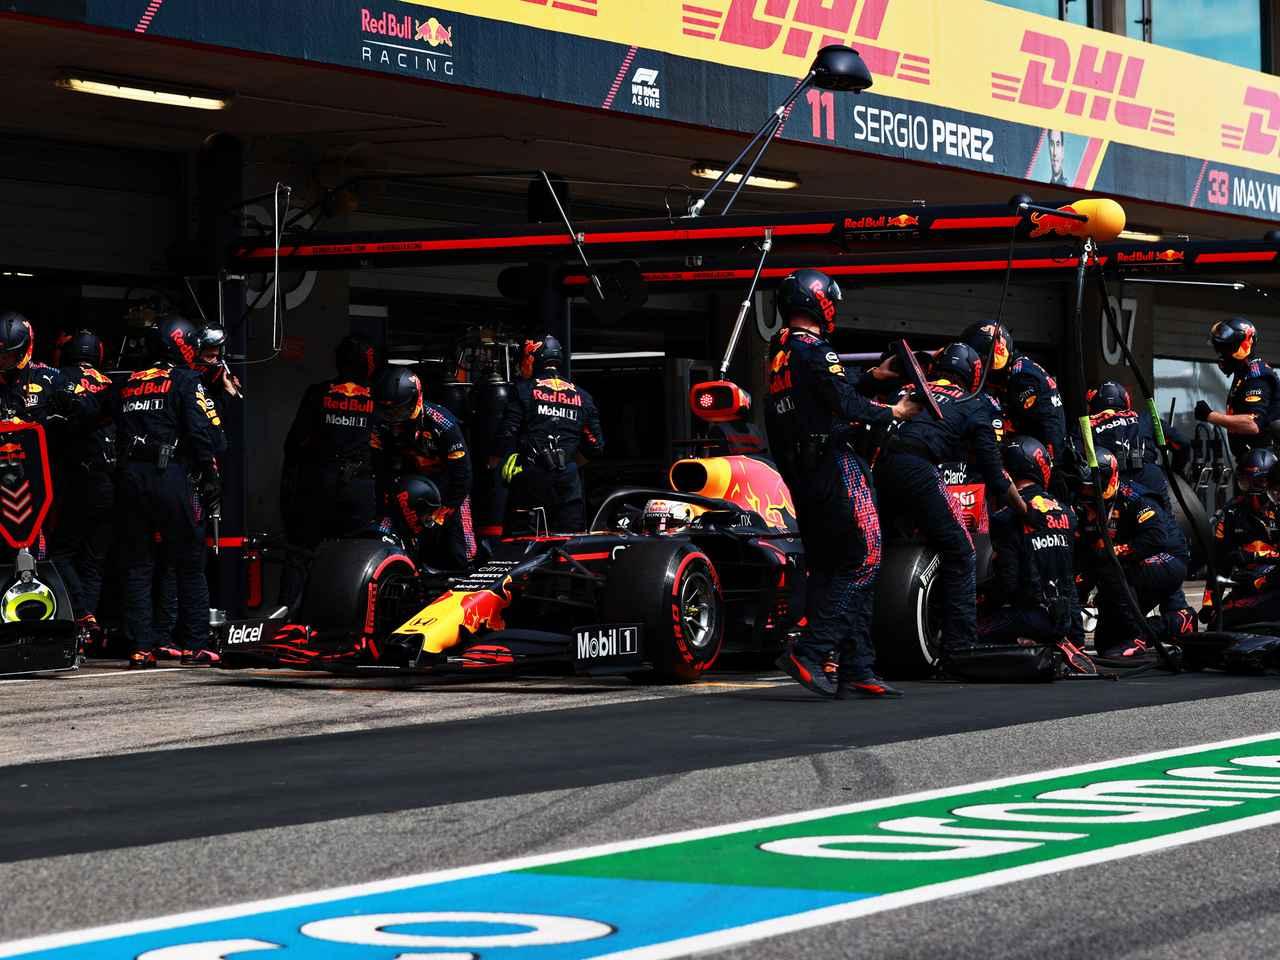 2021年F1第3戦ポルトガルGP、優勝を狙ったレッドブル・ホンダは2位、4位。メルセデスとどこに差が?【モータースポーツ】